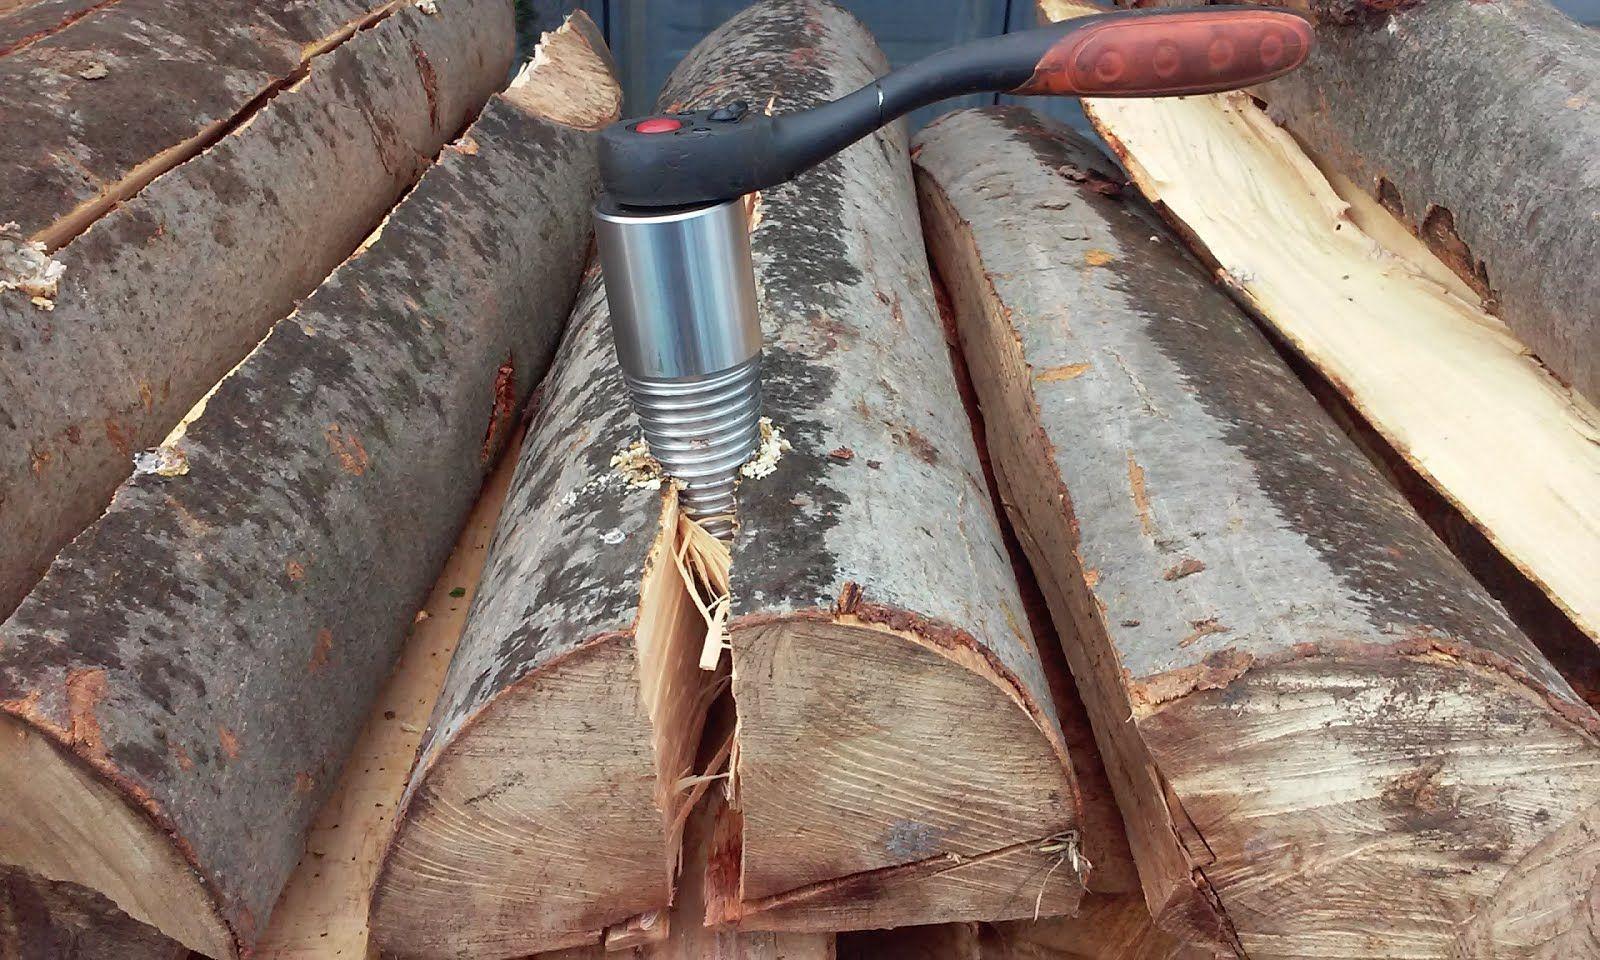 Kegelspalter Drillkegel Fur Kegelspalter Holzspalter